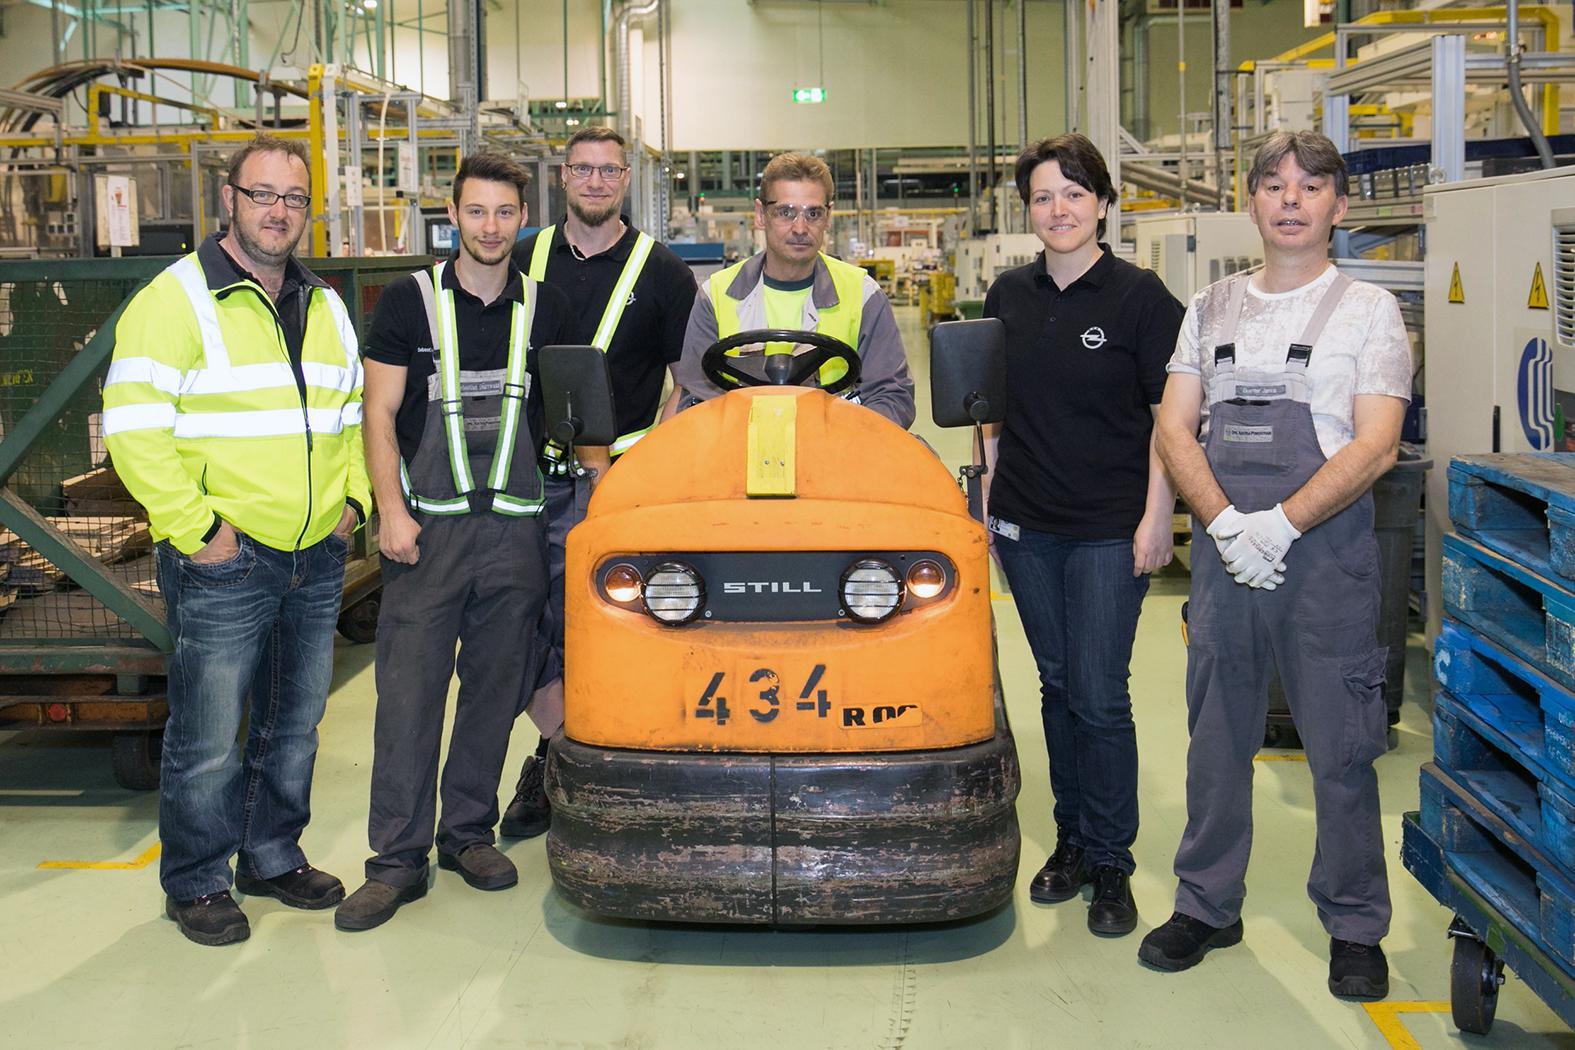 Das Material wird mit E-Wagen (im Bild) oder Staplern befördert (v.l.n.r.: Michael Leitgeb, Sebastian Dürrwald, Peter Brzobohaty, Johann Trenz, Katrin Grandl, Günter Janka)